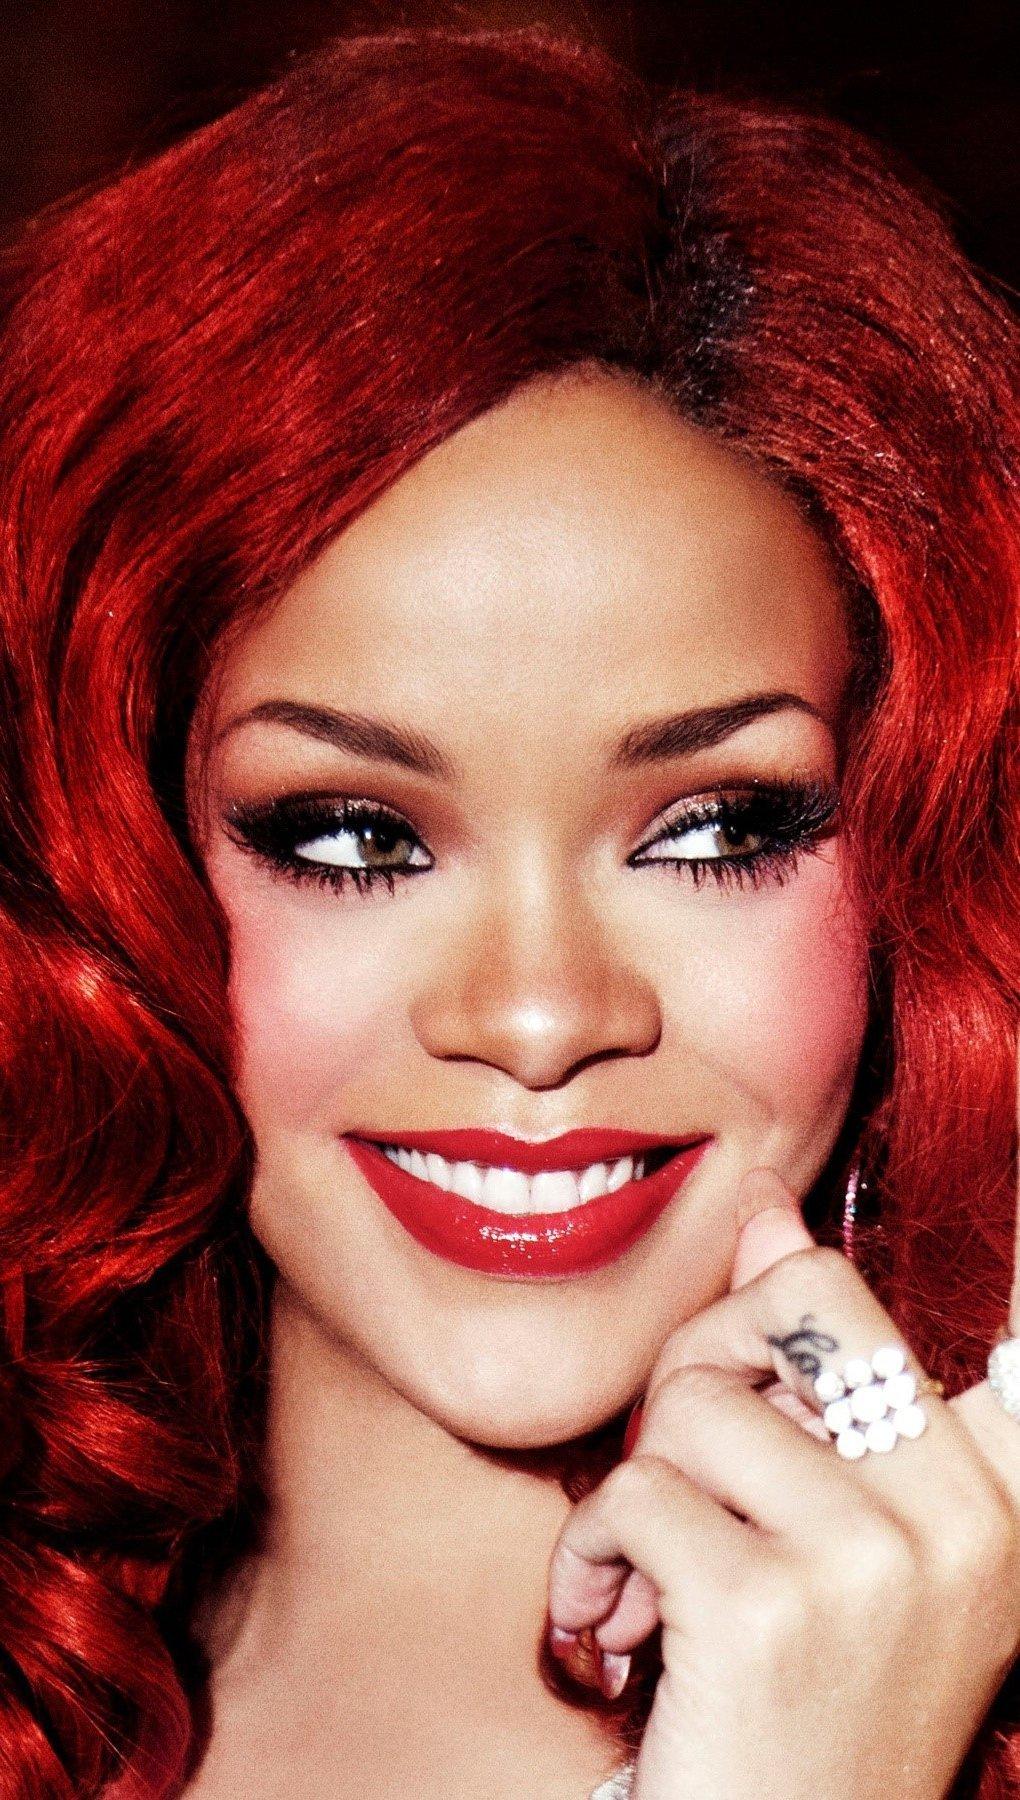 Wallpaper Singer Rihanna Vertical